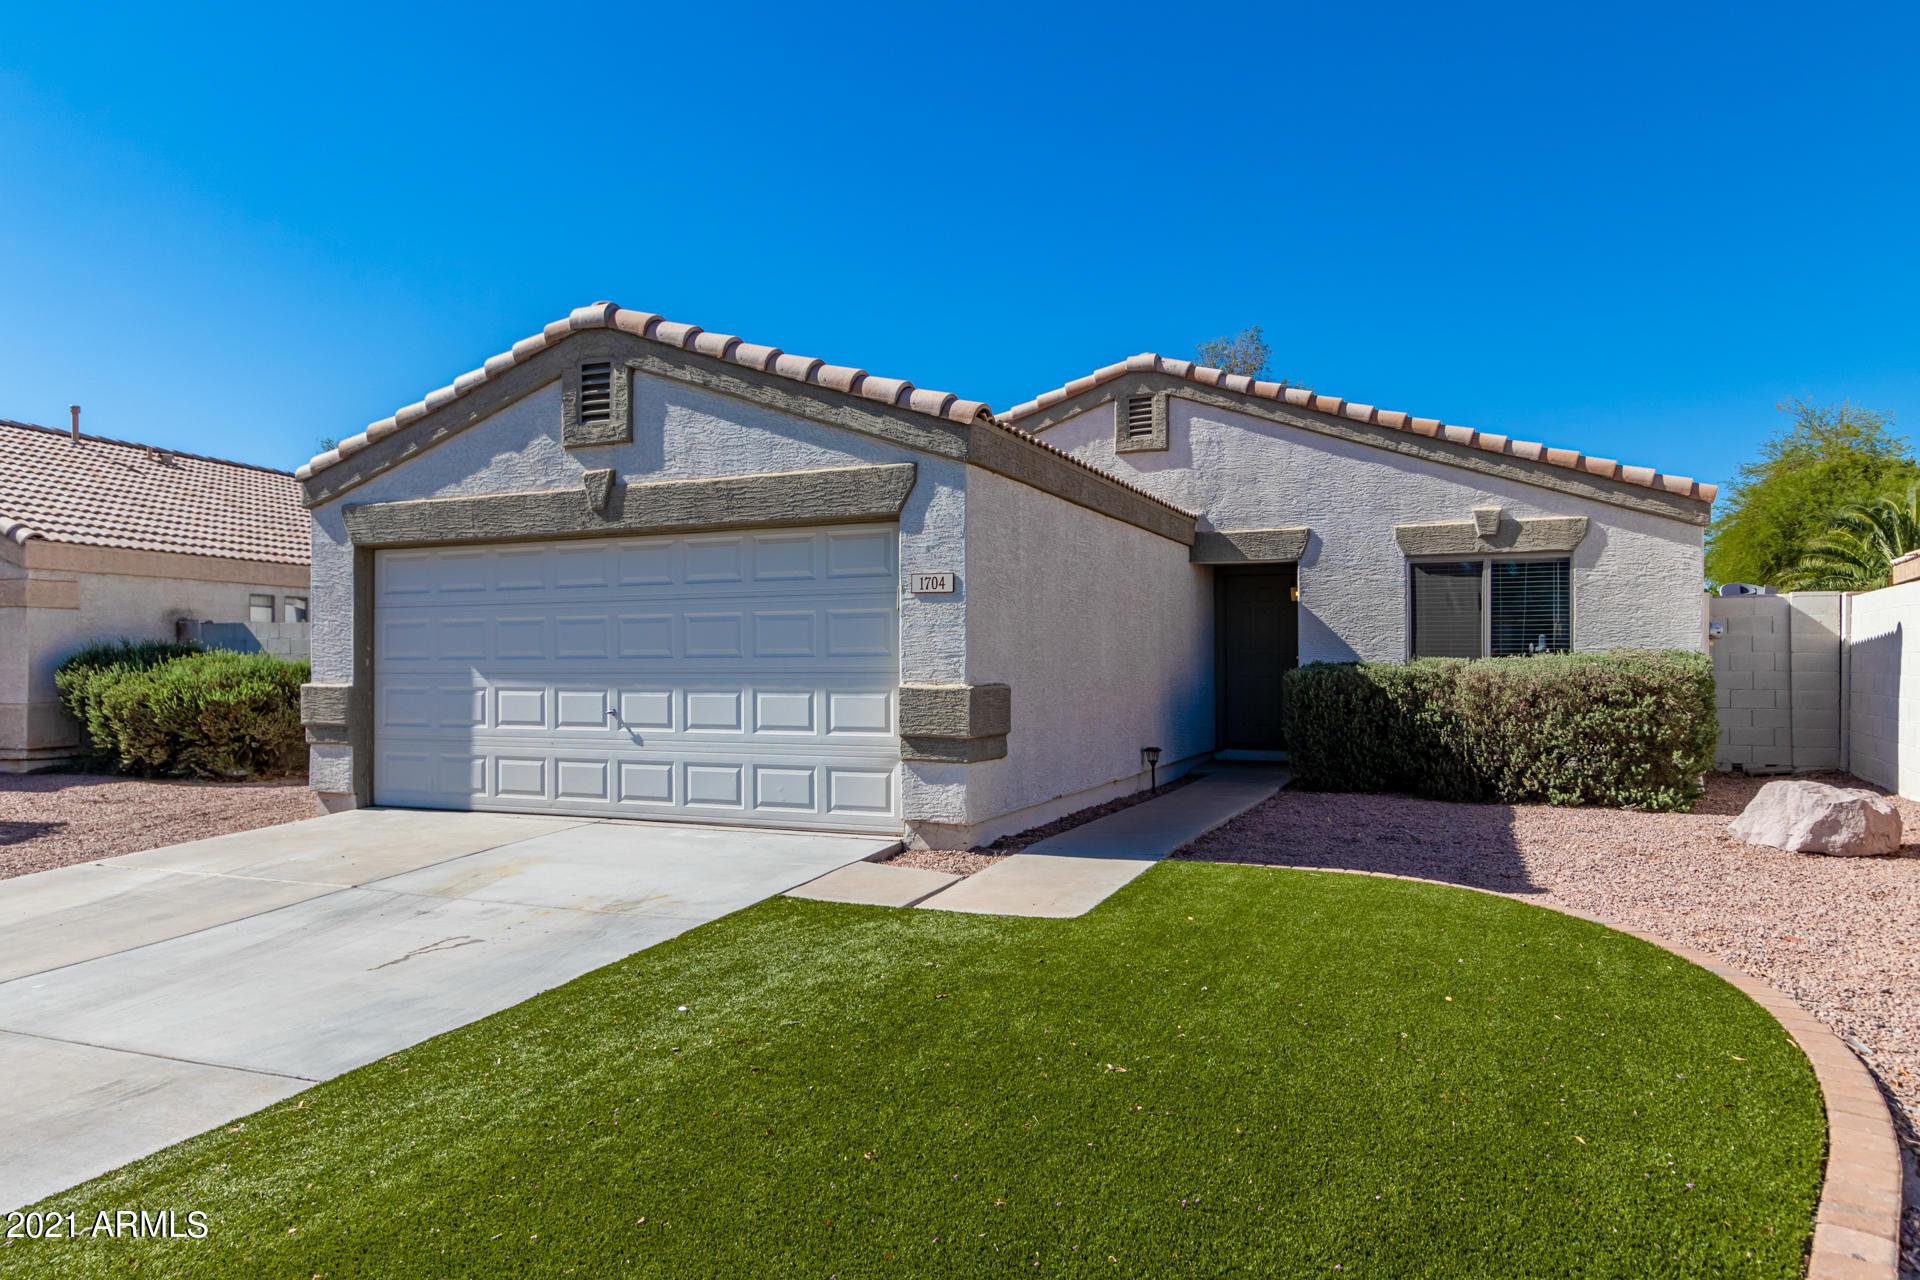 1704 CHEYENNE Street, Gilbert, Arizona 85296, 2 Bedrooms Bedrooms, ,2 BathroomsBathrooms,Residential,For Sale,CHEYENNE,6243234